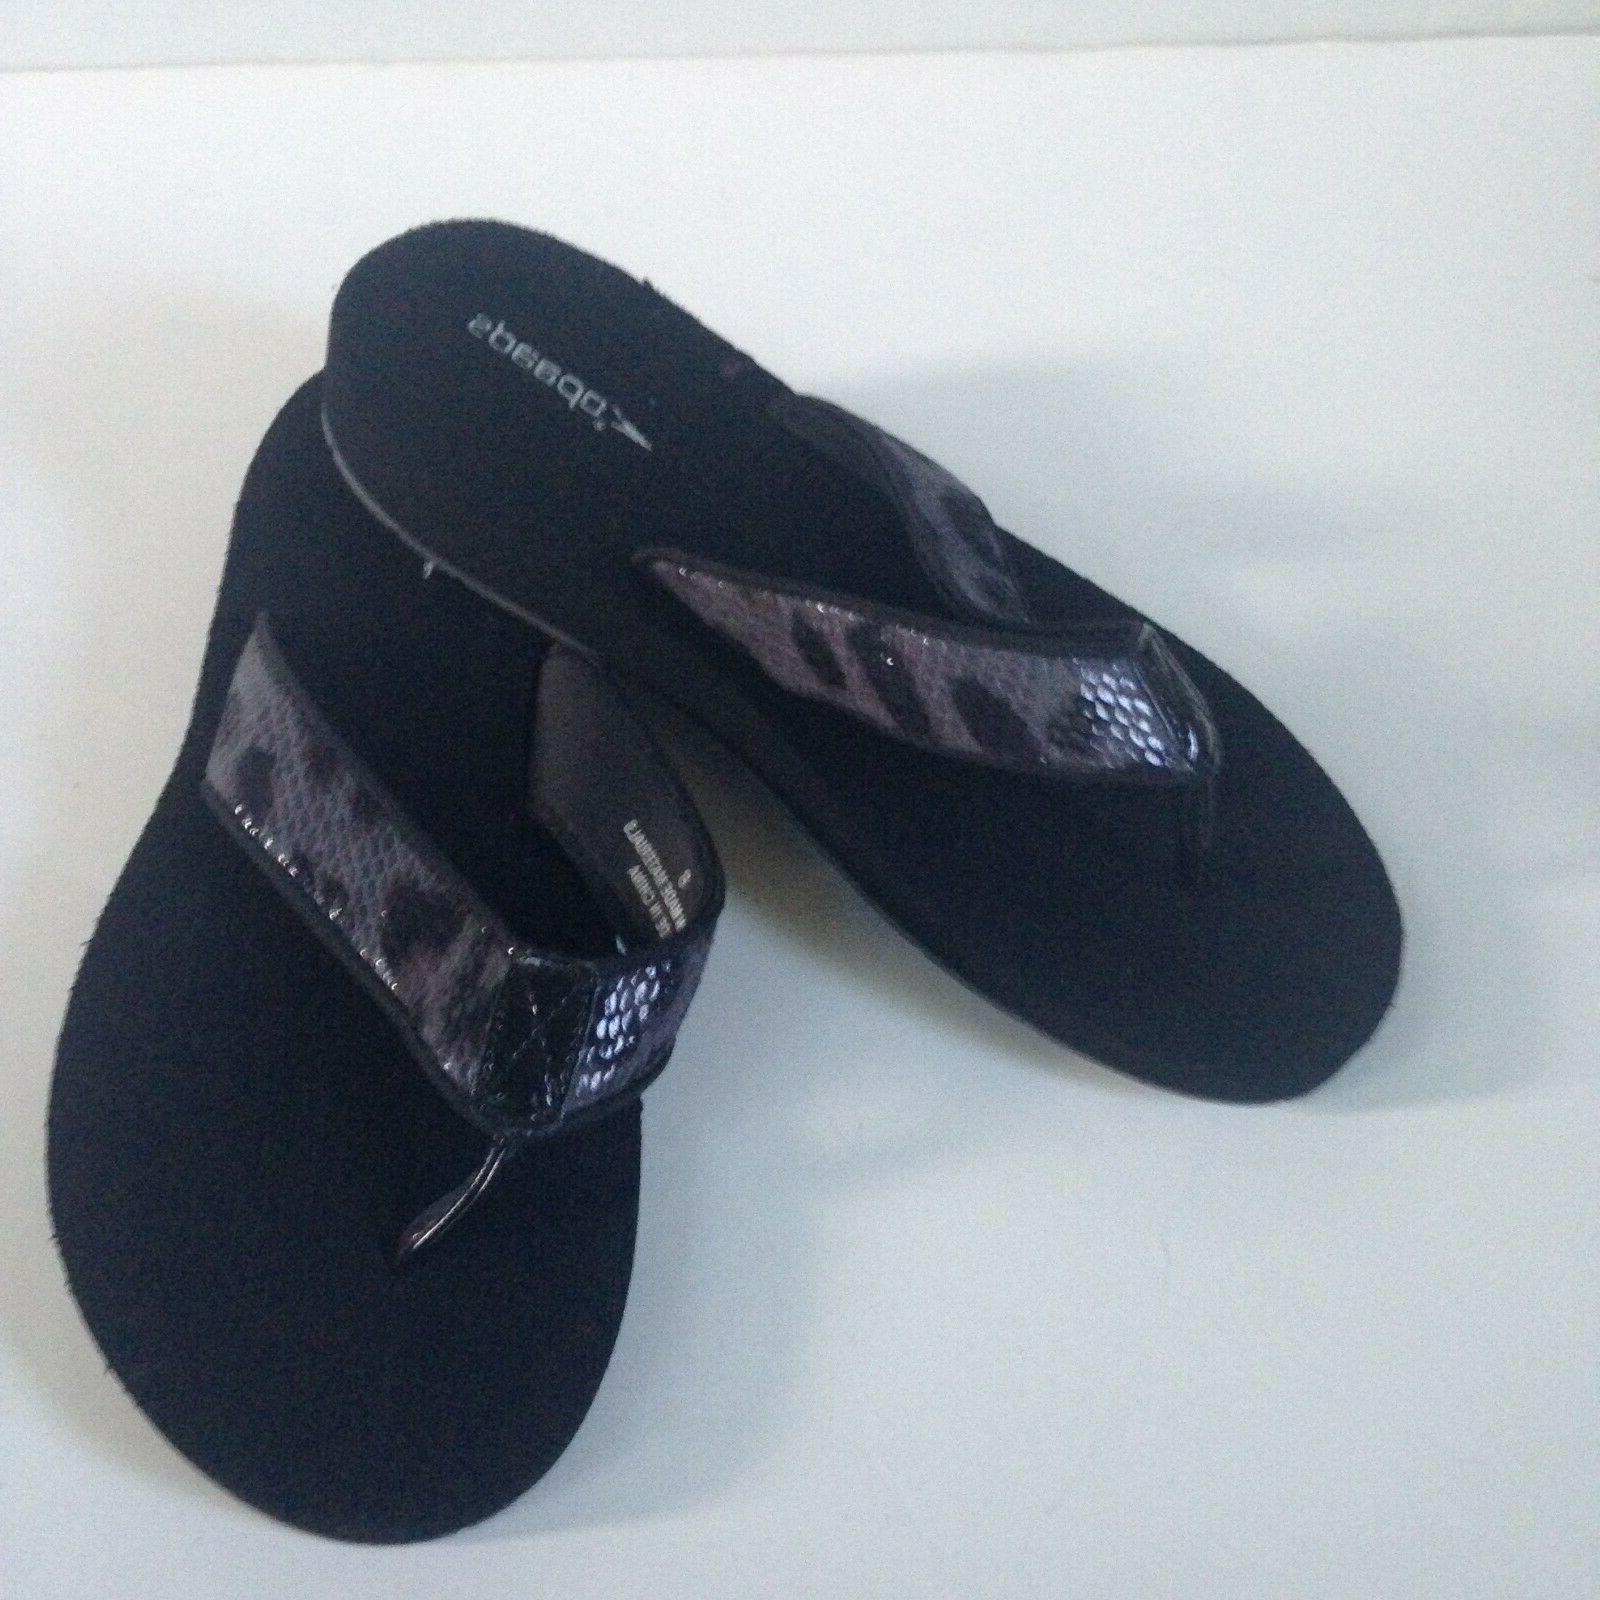 NEW! Flip Women's Gray Black Faux Snakeskin Rubber